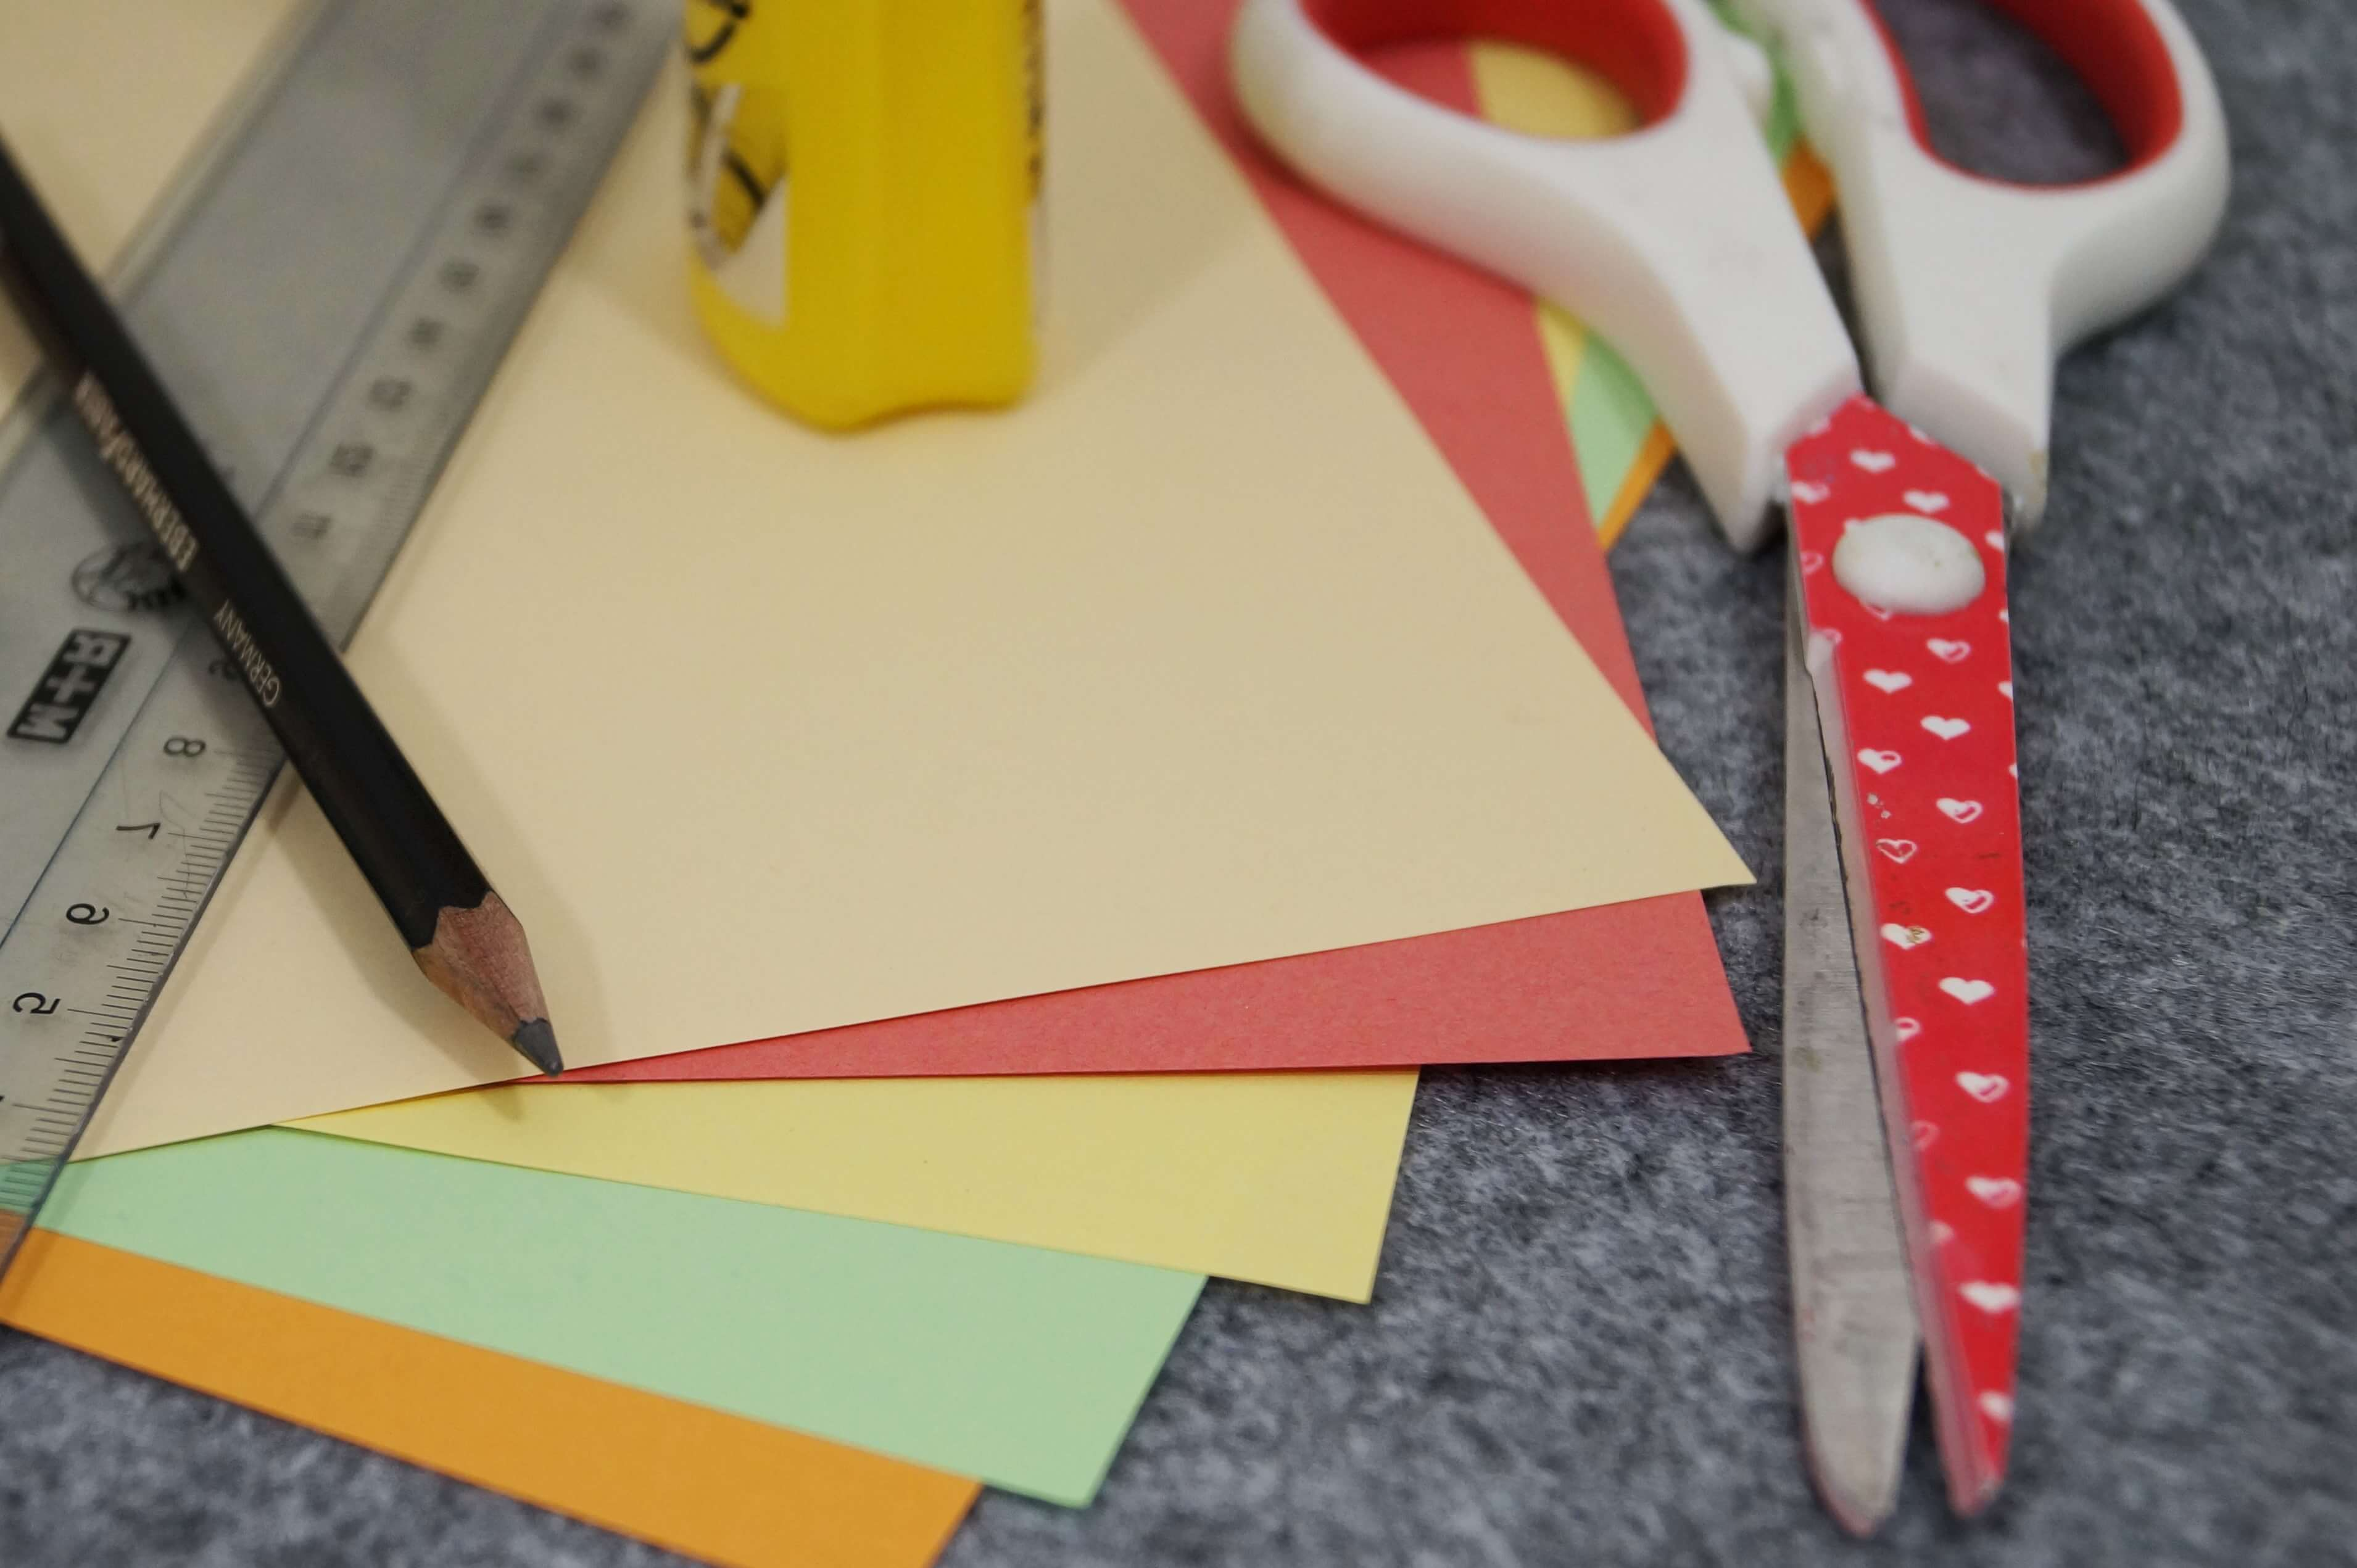 herbst papier falten : köstlich herbst papier falten Ahnung